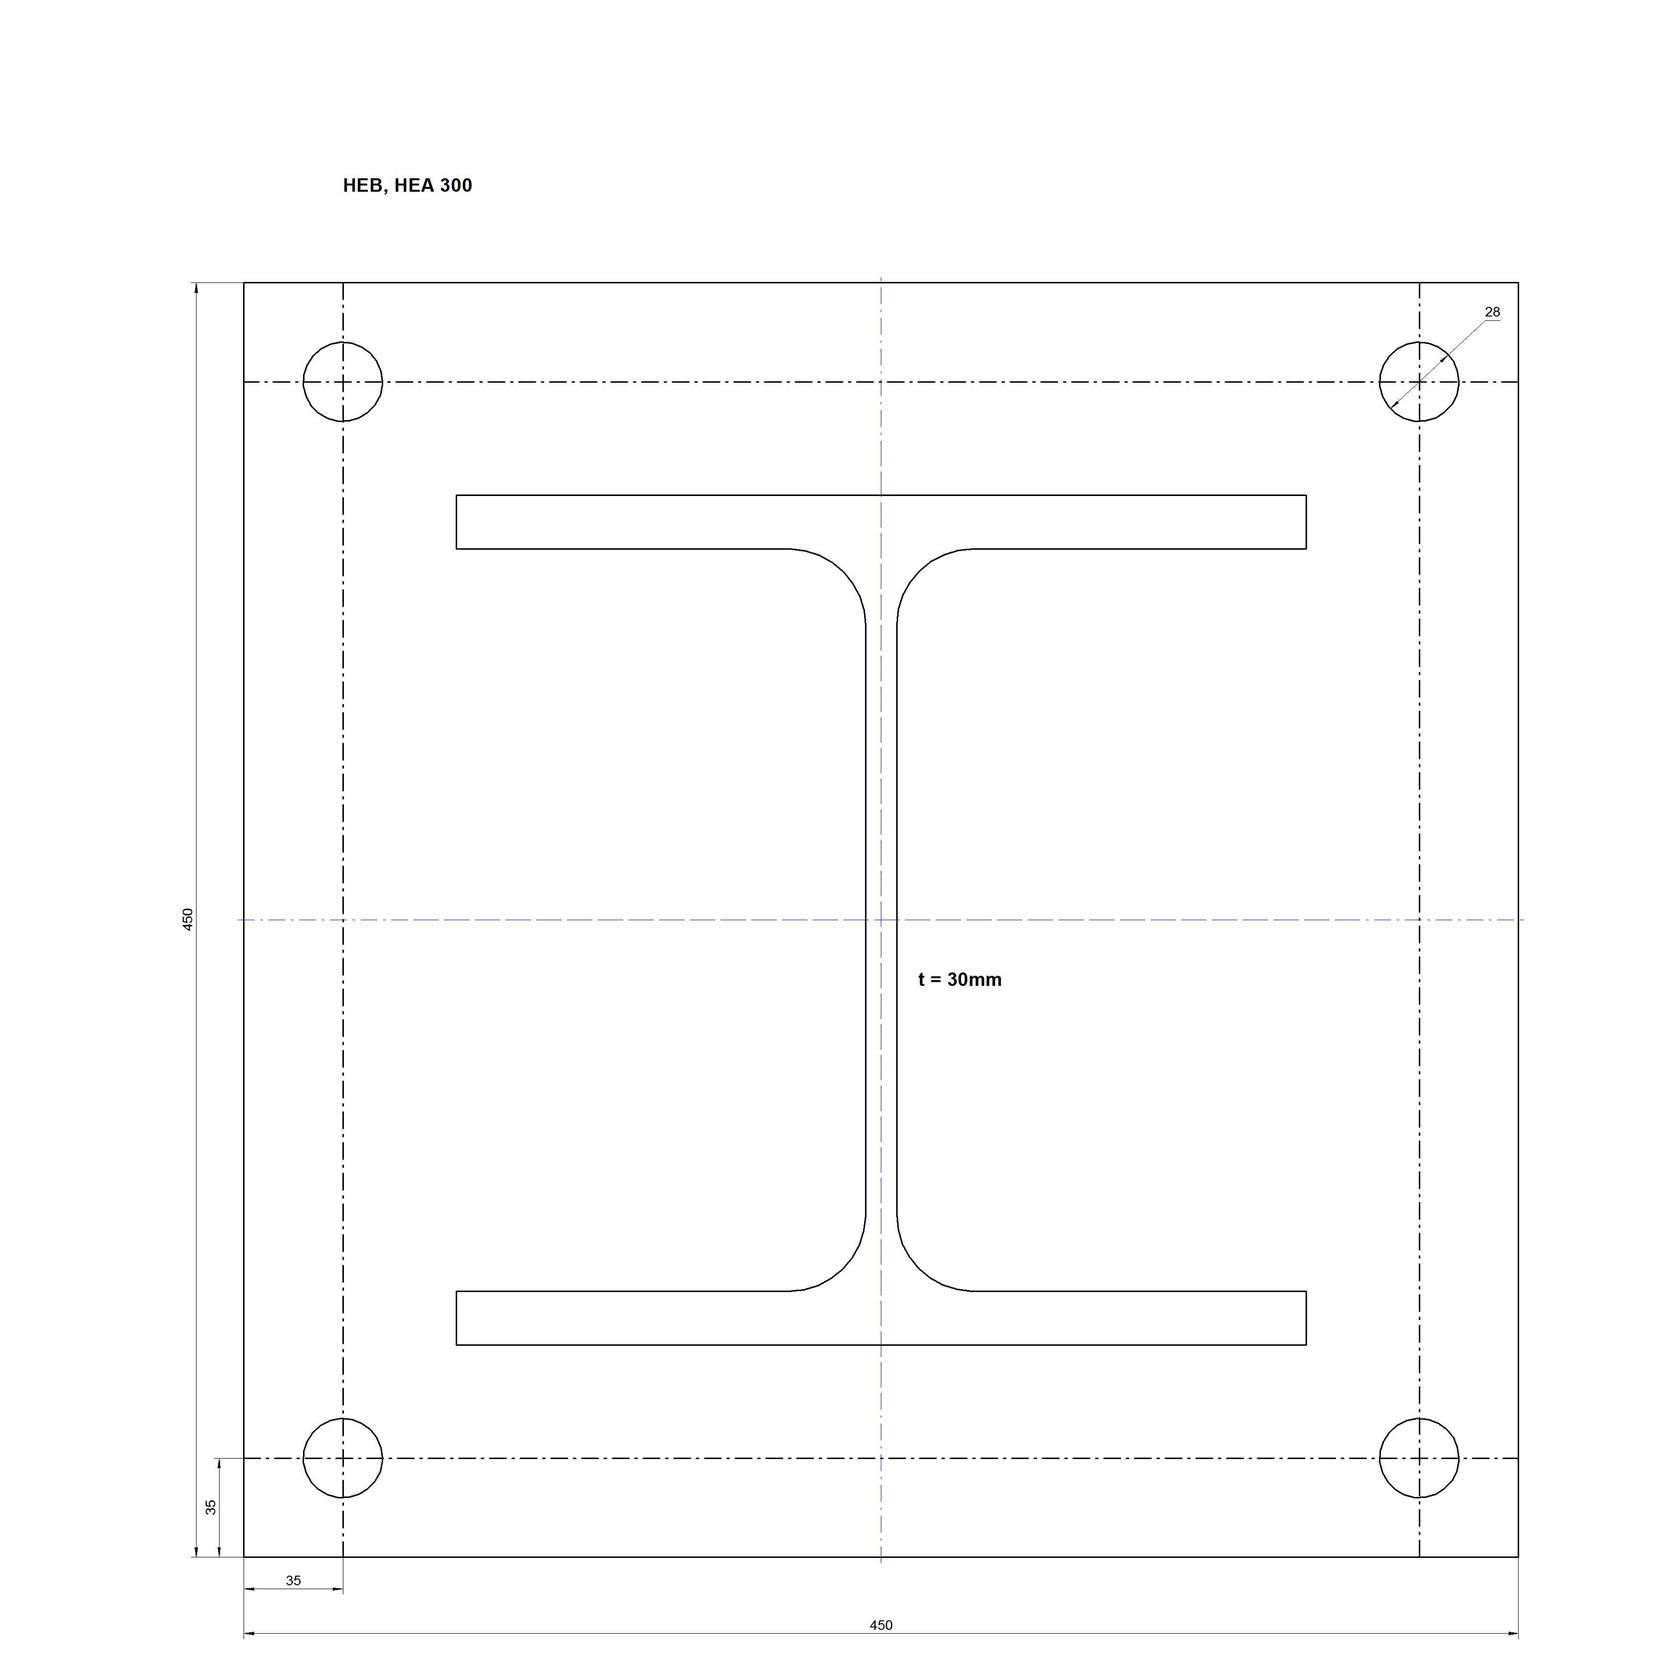 heb stahltr ger stahltraeger hea heb ipe unp. Black Bedroom Furniture Sets. Home Design Ideas